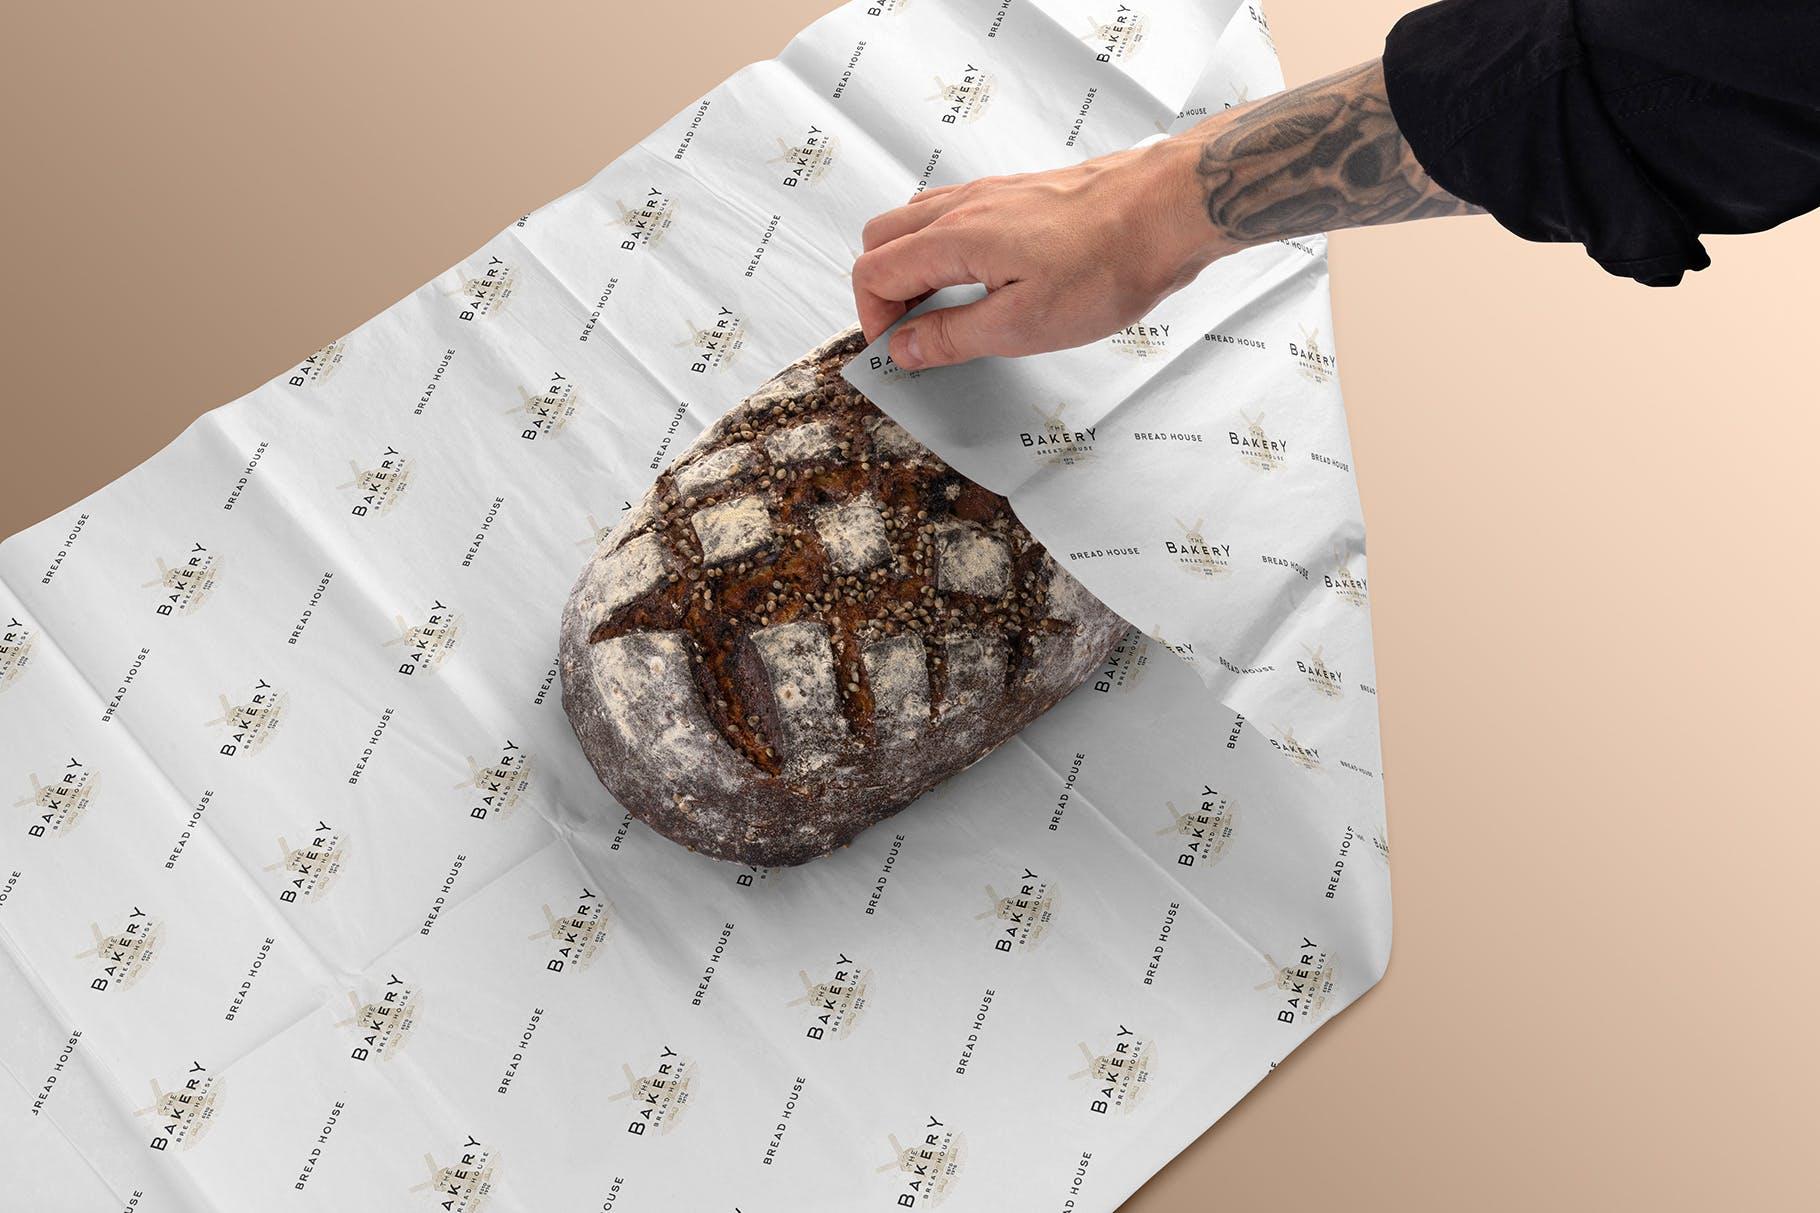 高端面包品牌样机模板素材下载 LWRTNF5插图(7)